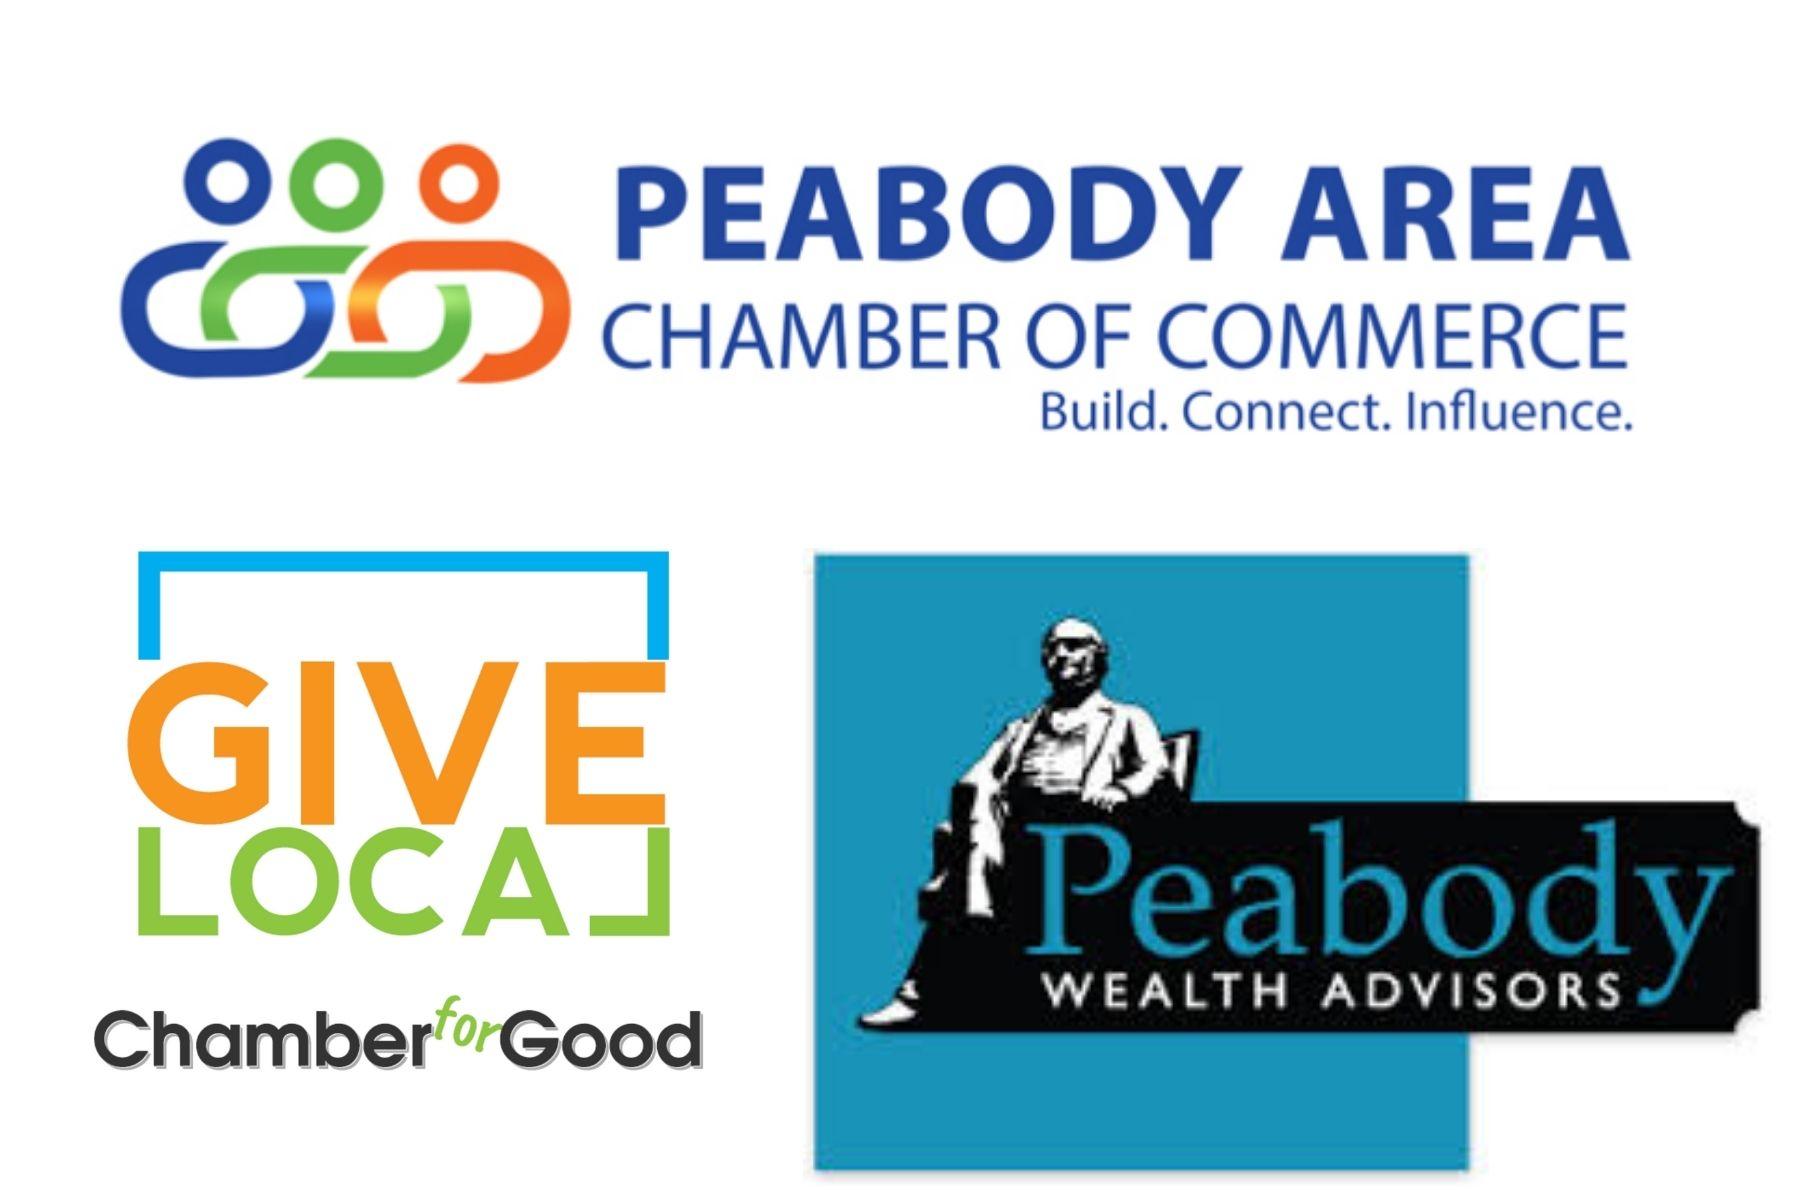 Chamber for Good Series Sponsor Peabody Wealth Advisors